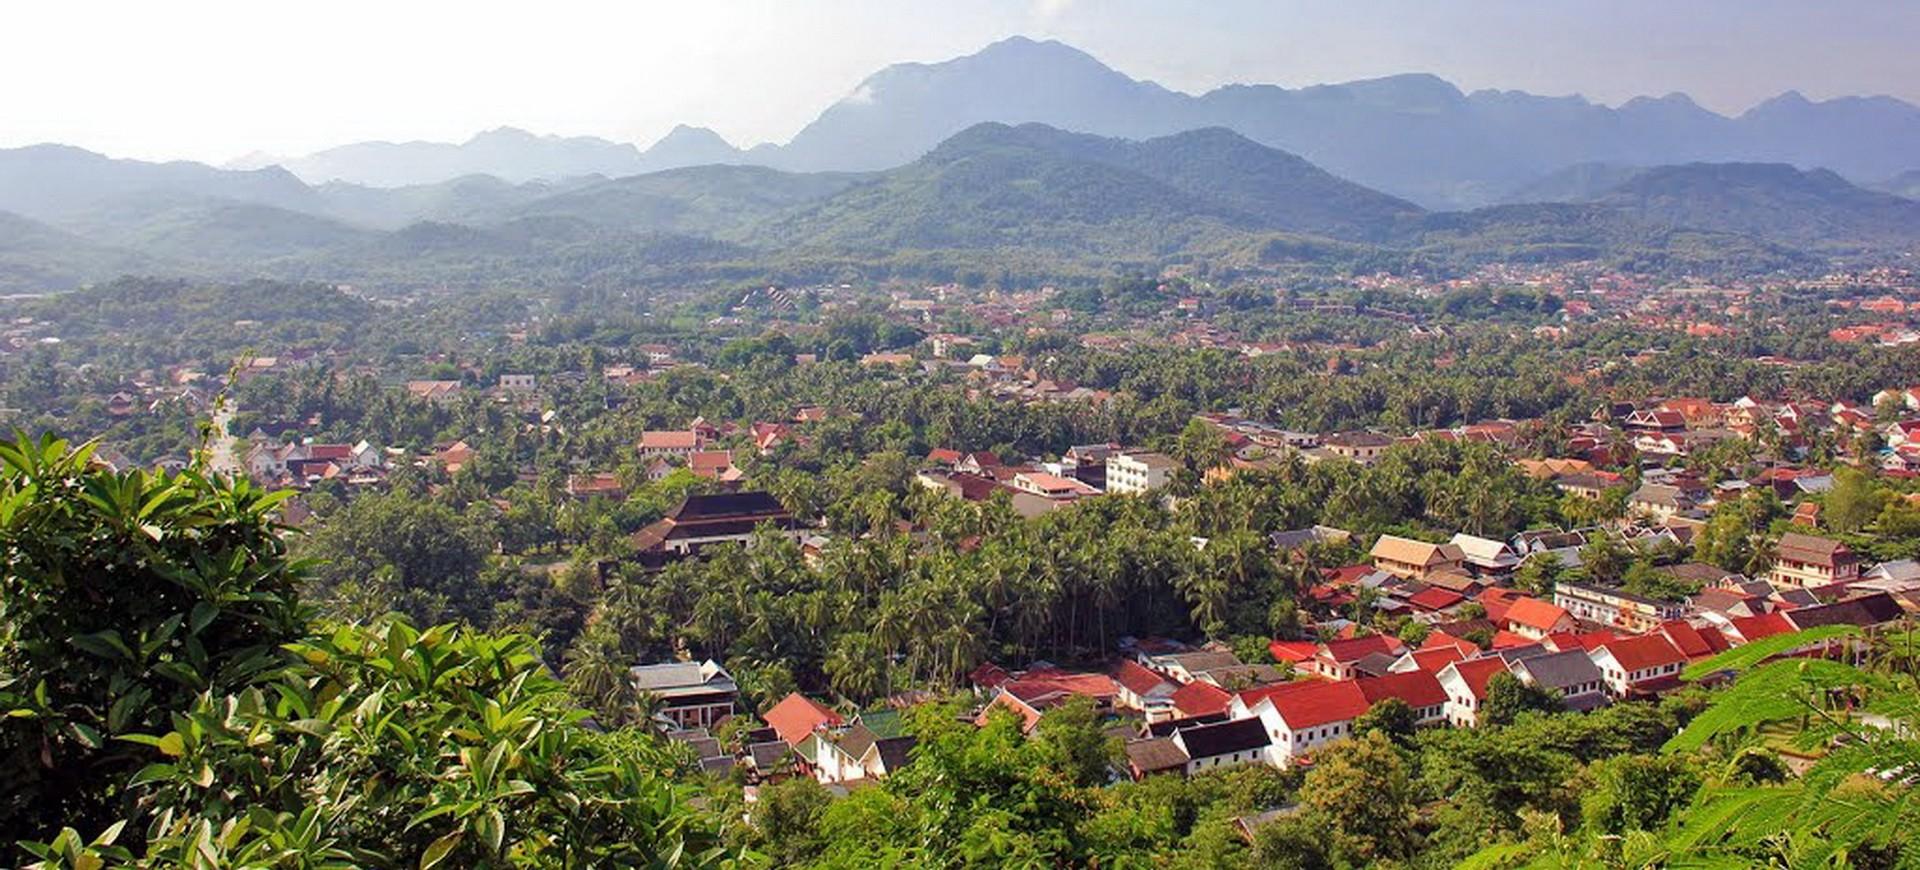 Luang Prabang Phousi vue panoramique au Laos